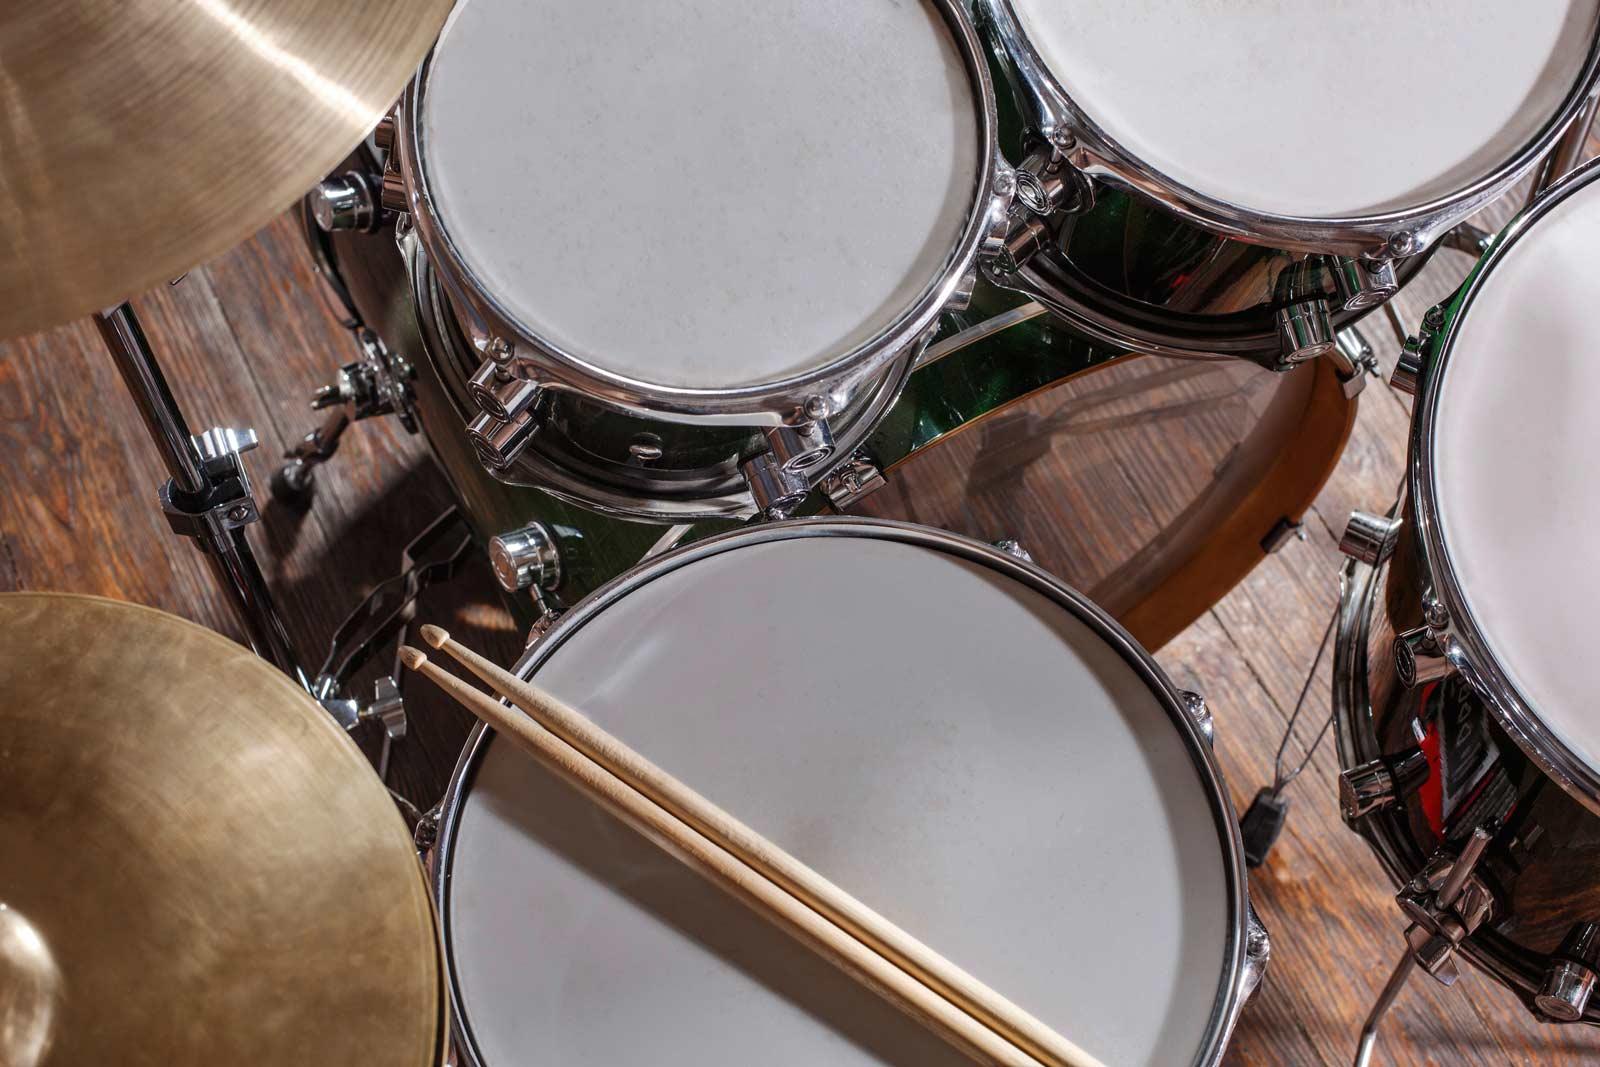 Drumles bij Axeldrums in Enschede